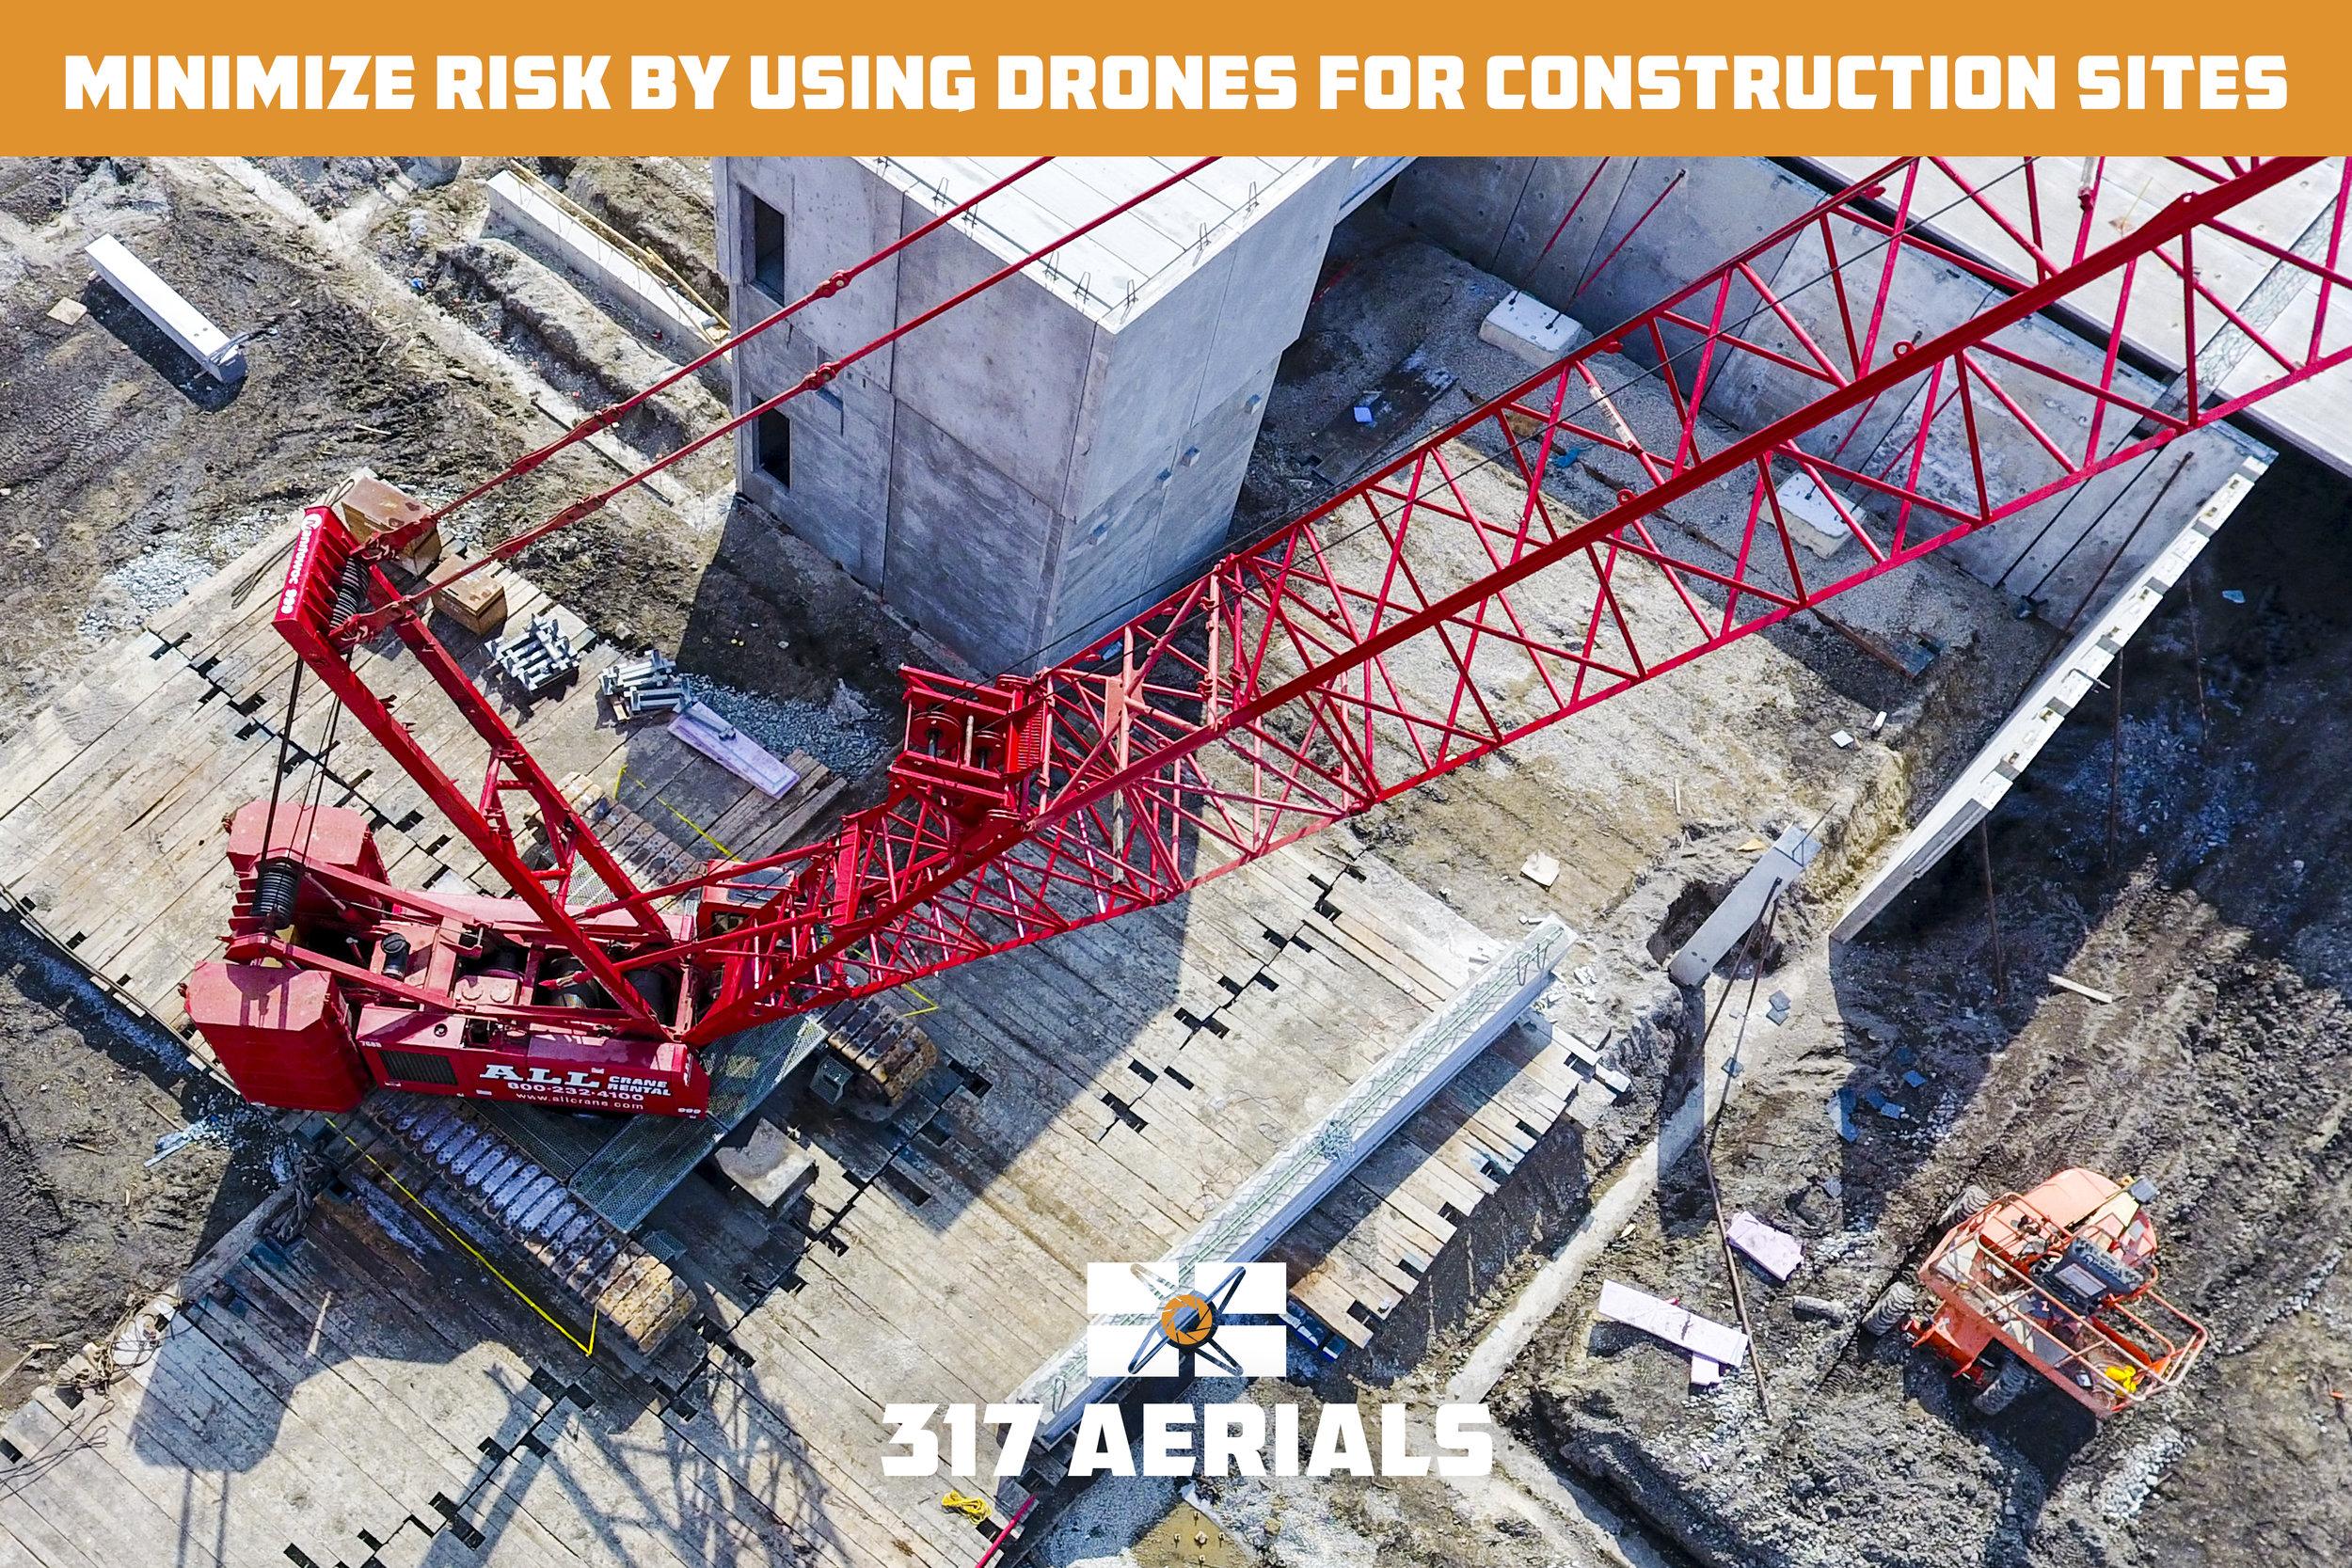 DronesConstrcution1.jpg